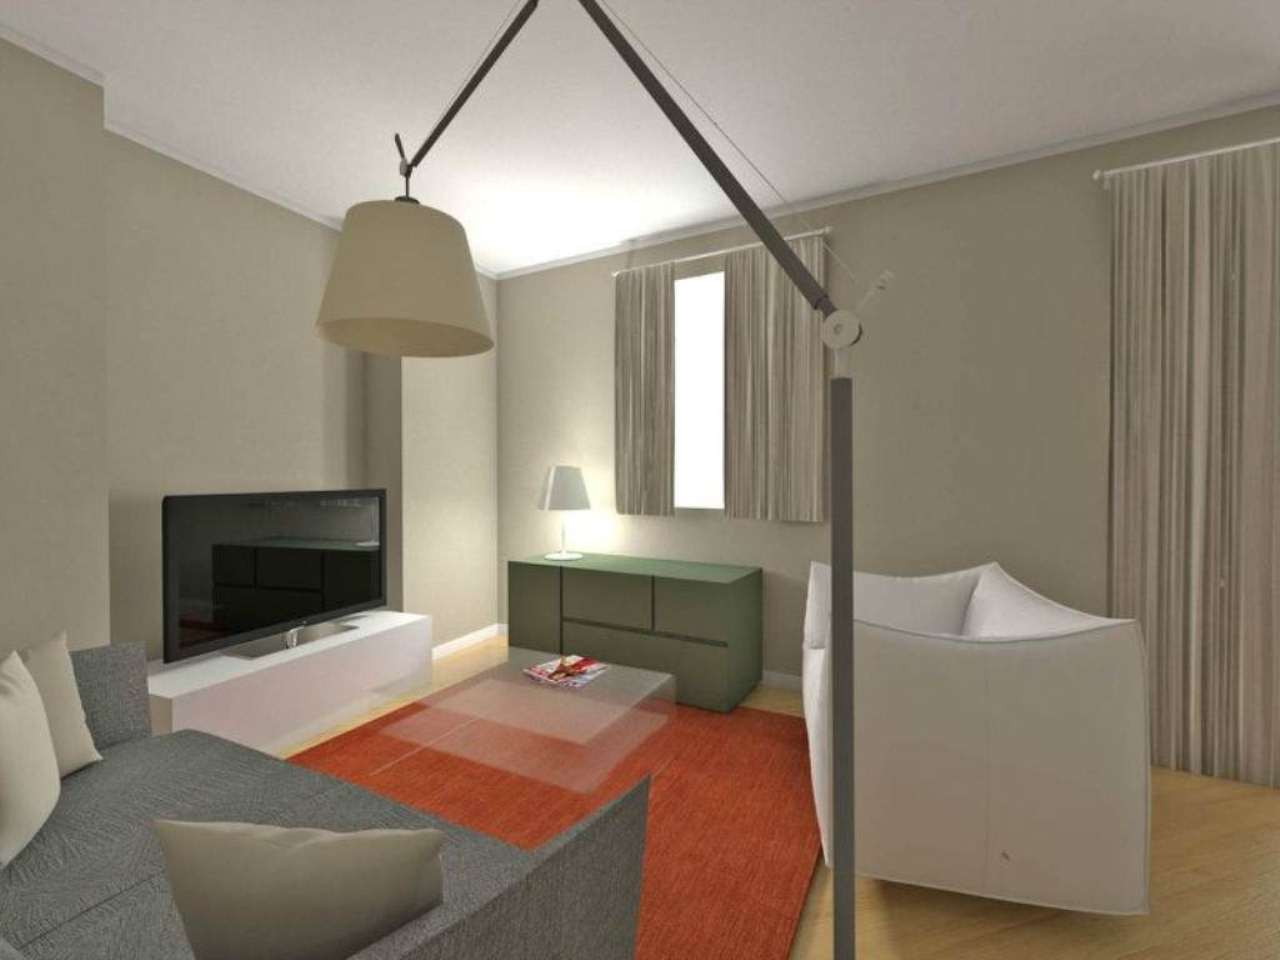 Appartamento in vendita a Coazze, 4 locali, prezzo € 79.000 | Cambio Casa.it